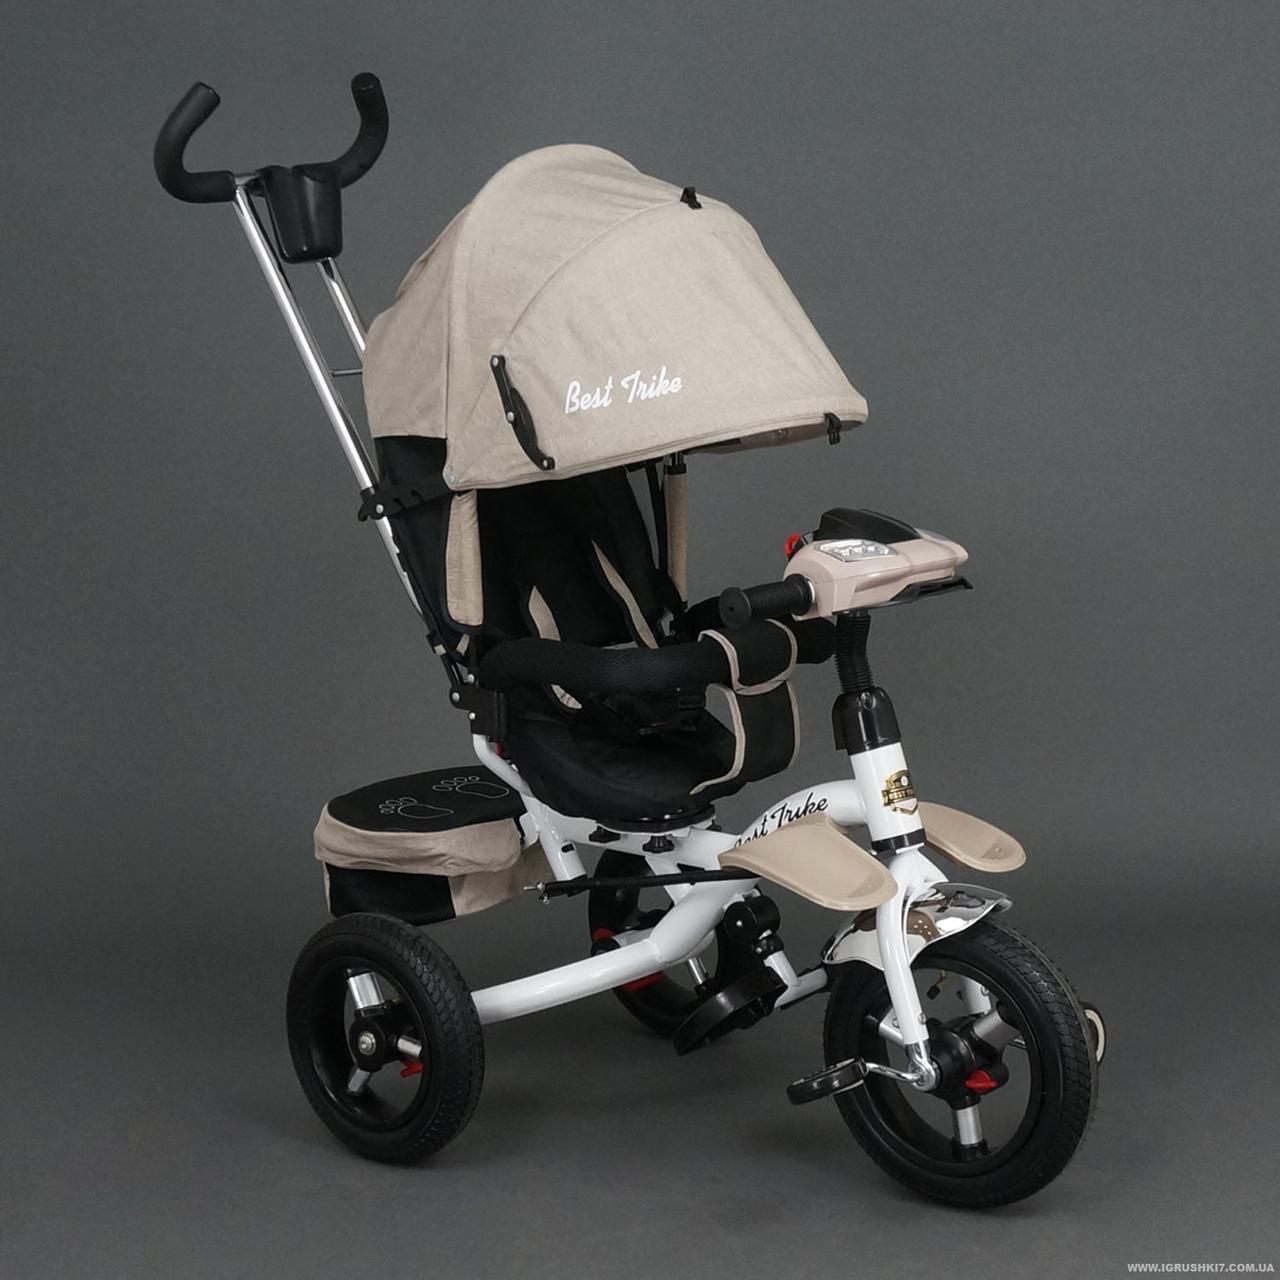 Детский трехколесный велосипед с ручкой Best Trike 6595  - Интернет-магазин Рыжуля в Тернополе